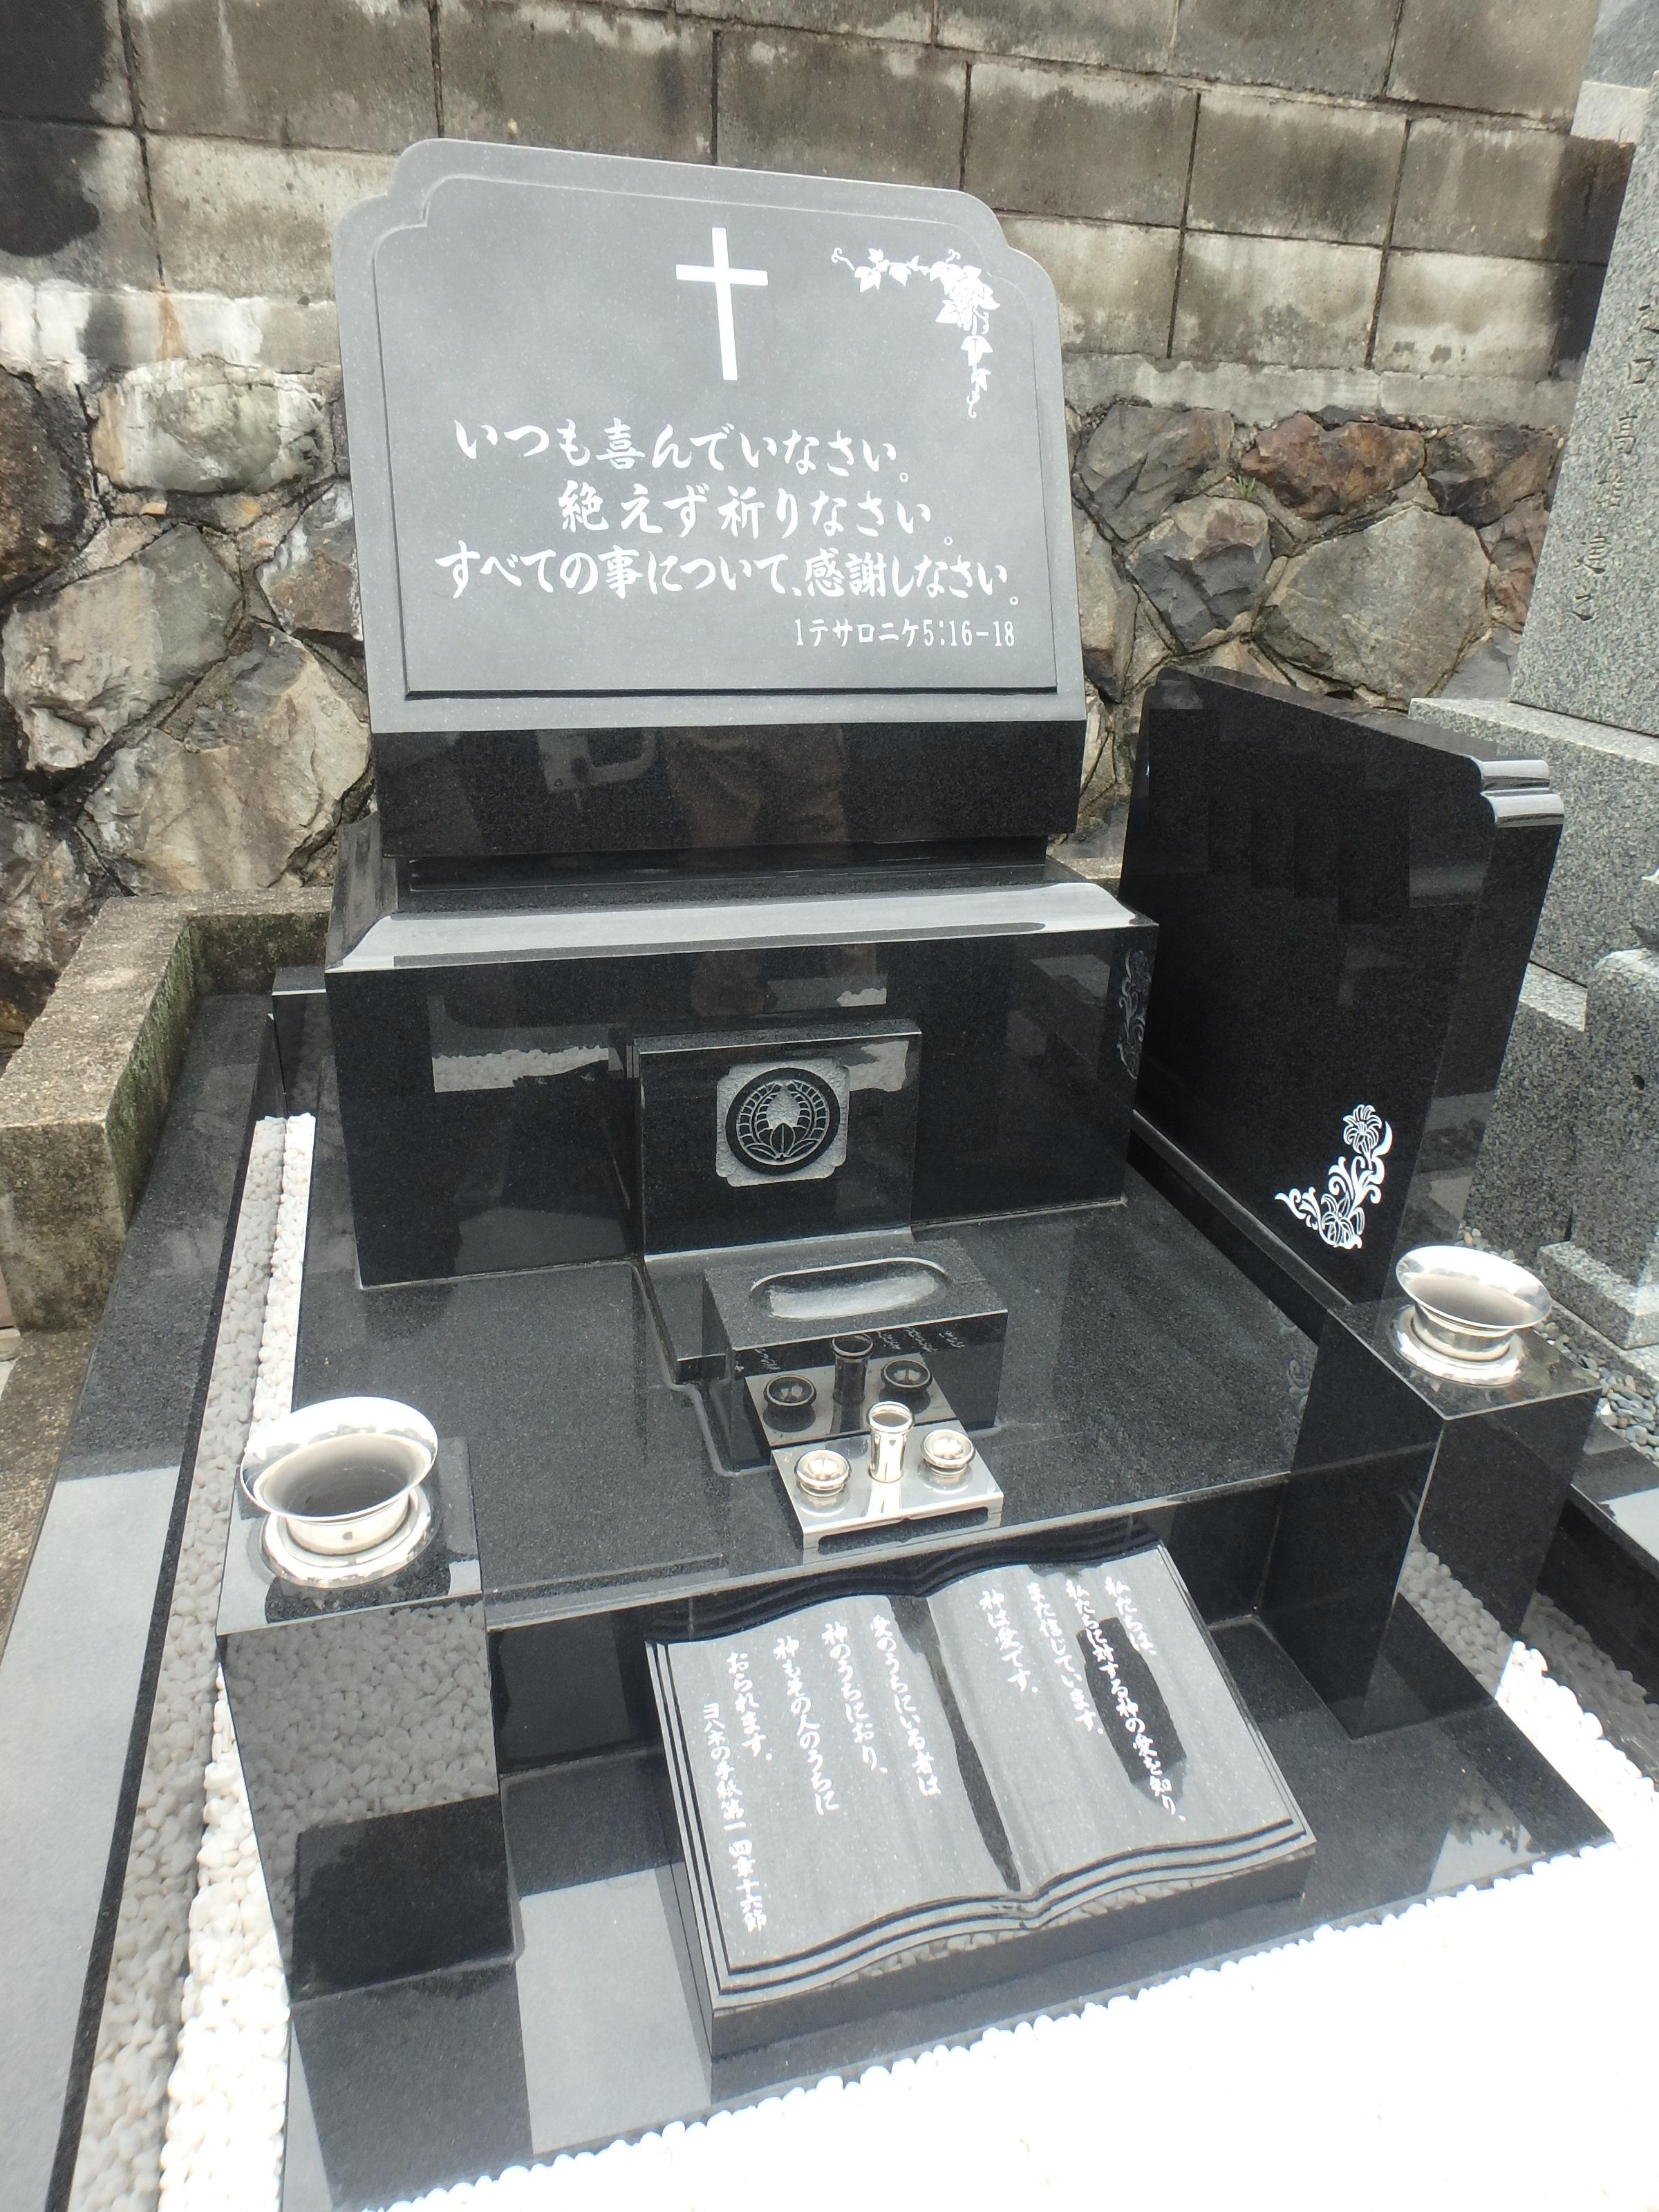 洋型デザイン墓石施工例3-34/宇治市村墓地のAfter画像